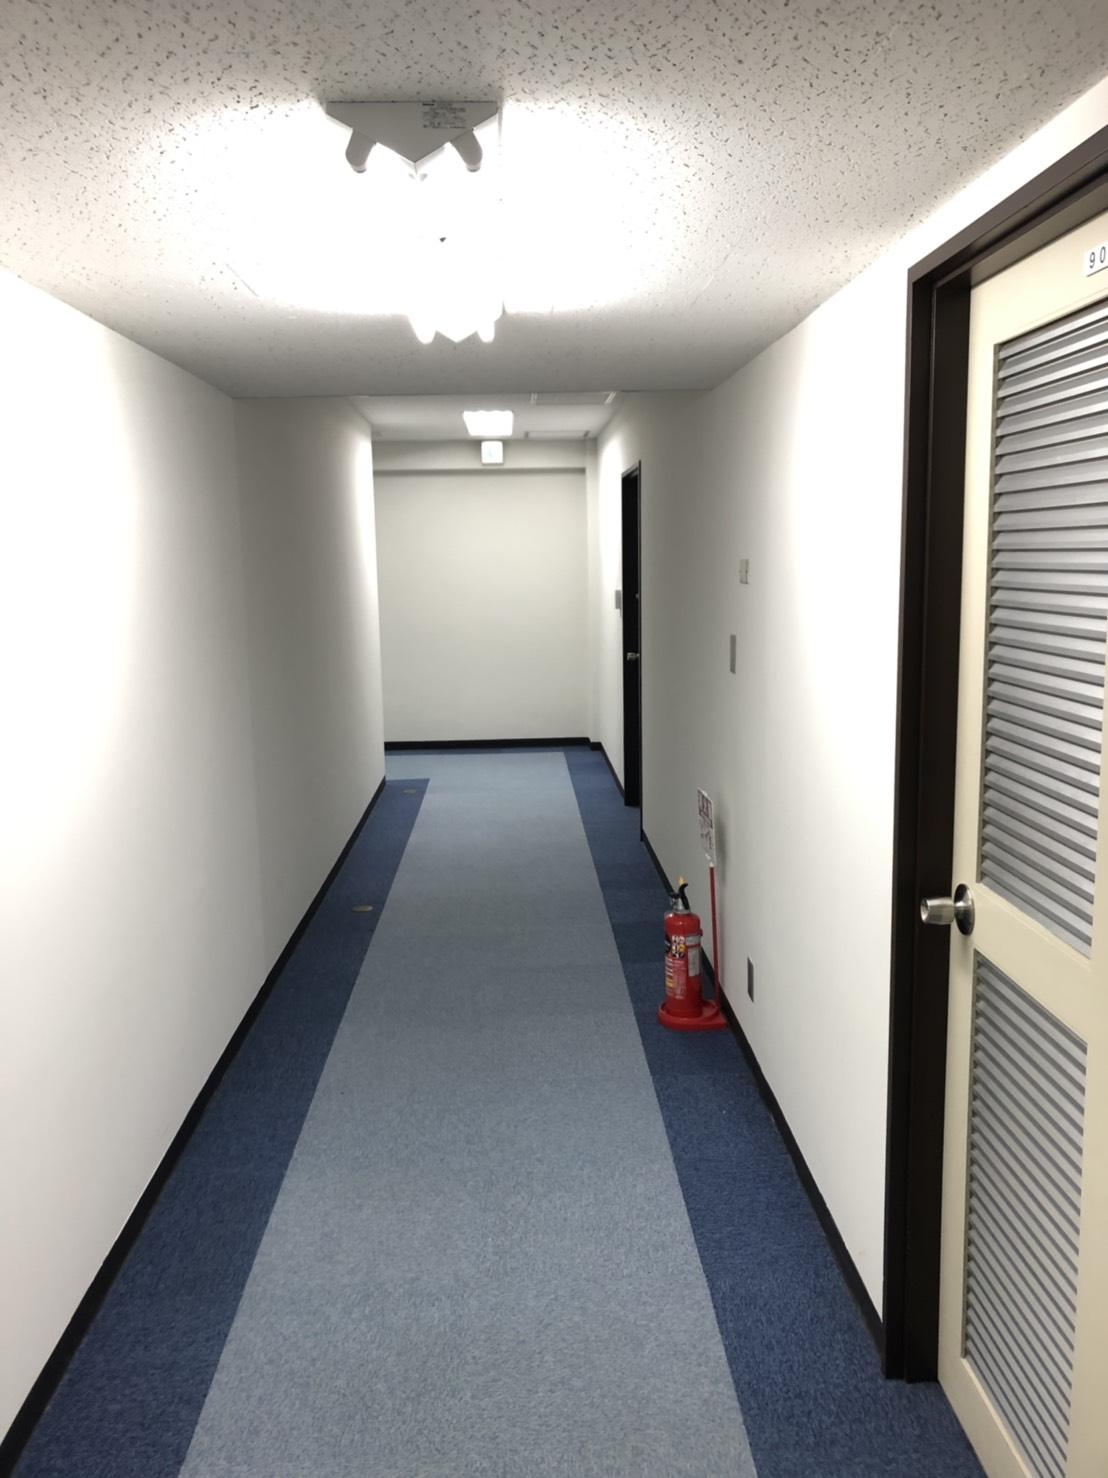 くふうの貸会議室   S__11182082 TIME SHARING タイムシェアリング  スペースマネジメント あどばる adval